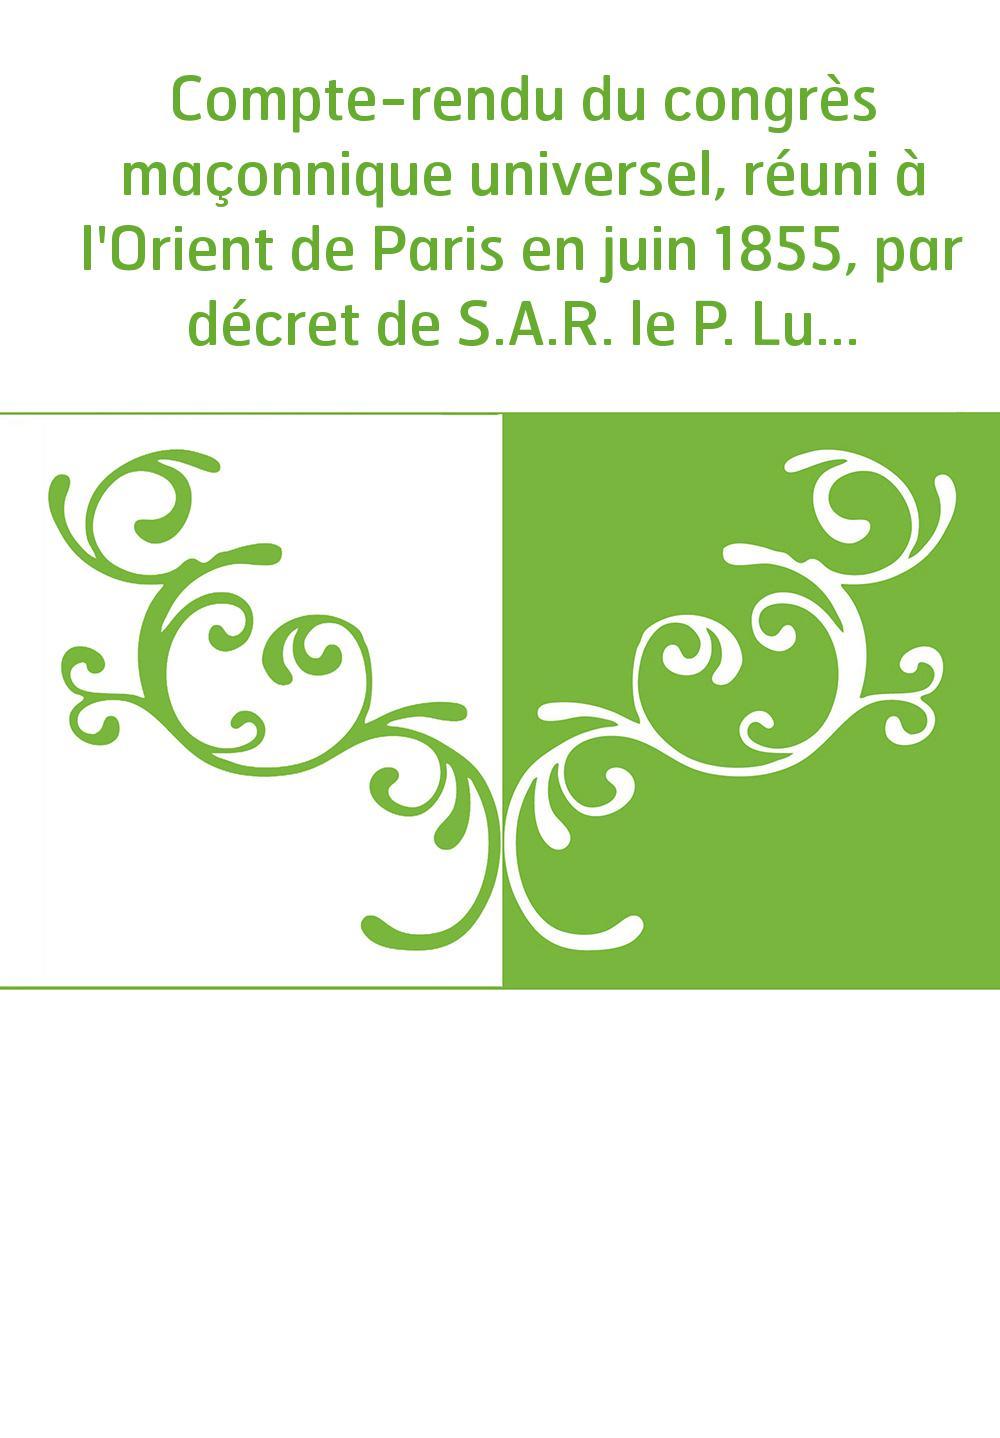 Compte-rendu du congrès maçonnique universel, réuni à l'Orient de Paris en juin 1855, par décret de S.A.R. le P. Lucien Murat,..